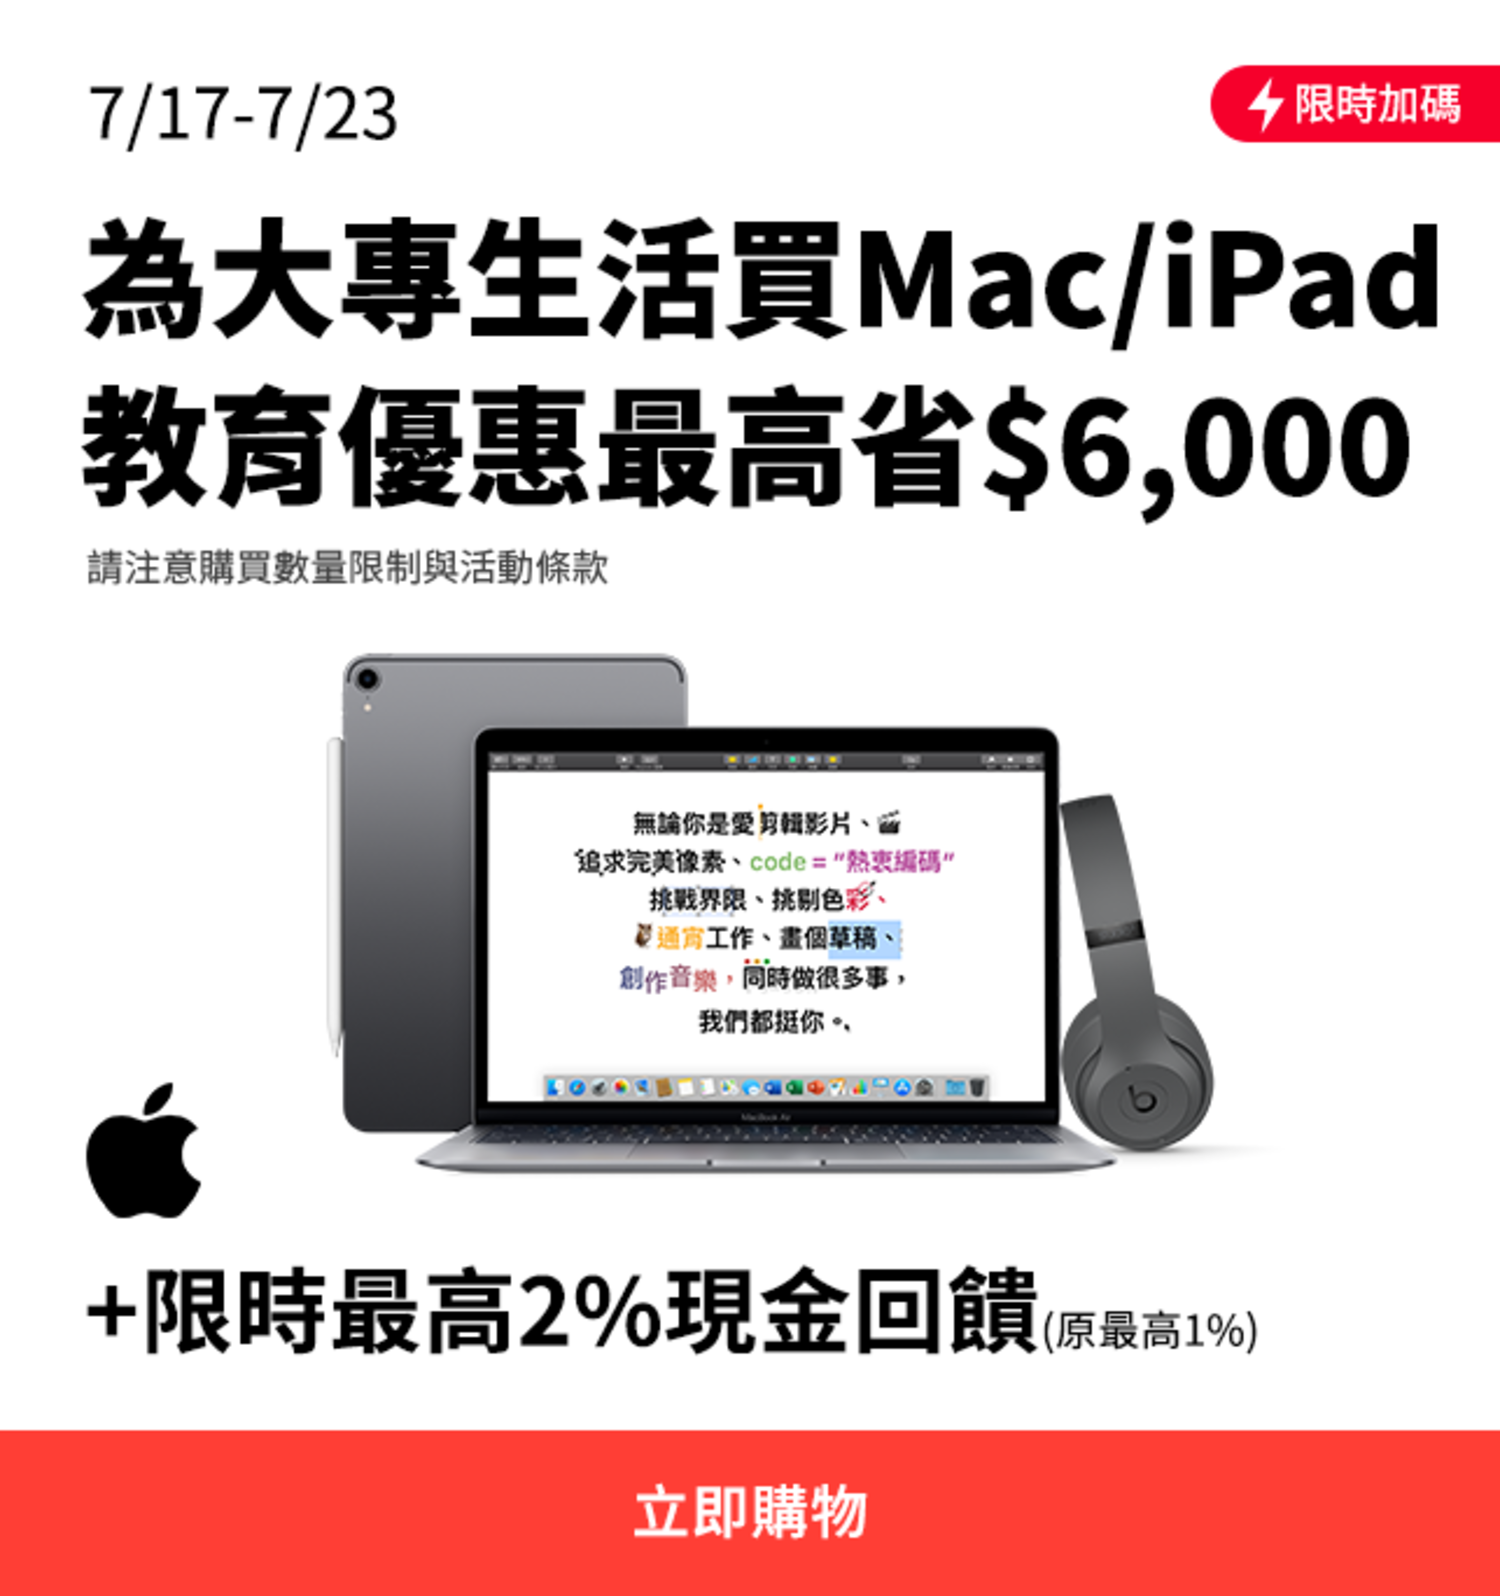 Apple 加碼 0717-0723